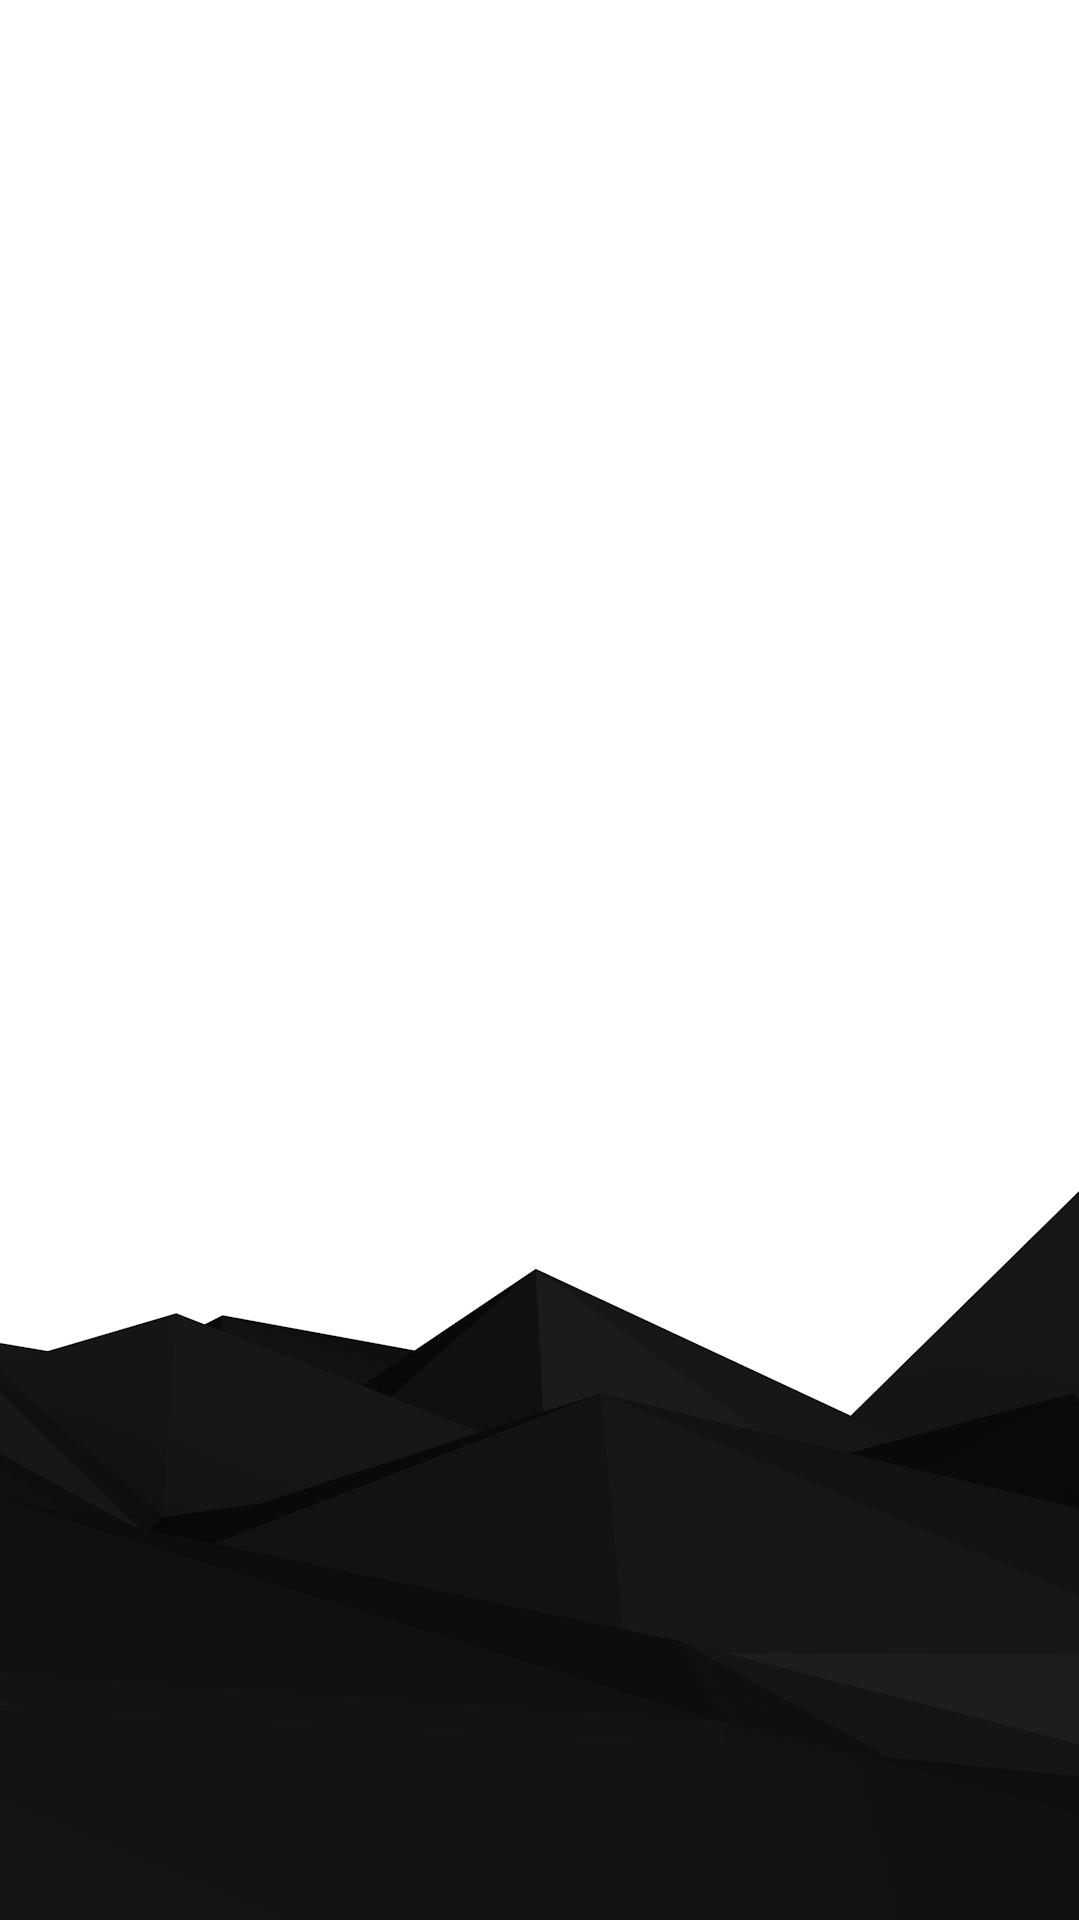 Sfondi Arte Digitale Monocromo 3d Minimalismo Visualizzazione